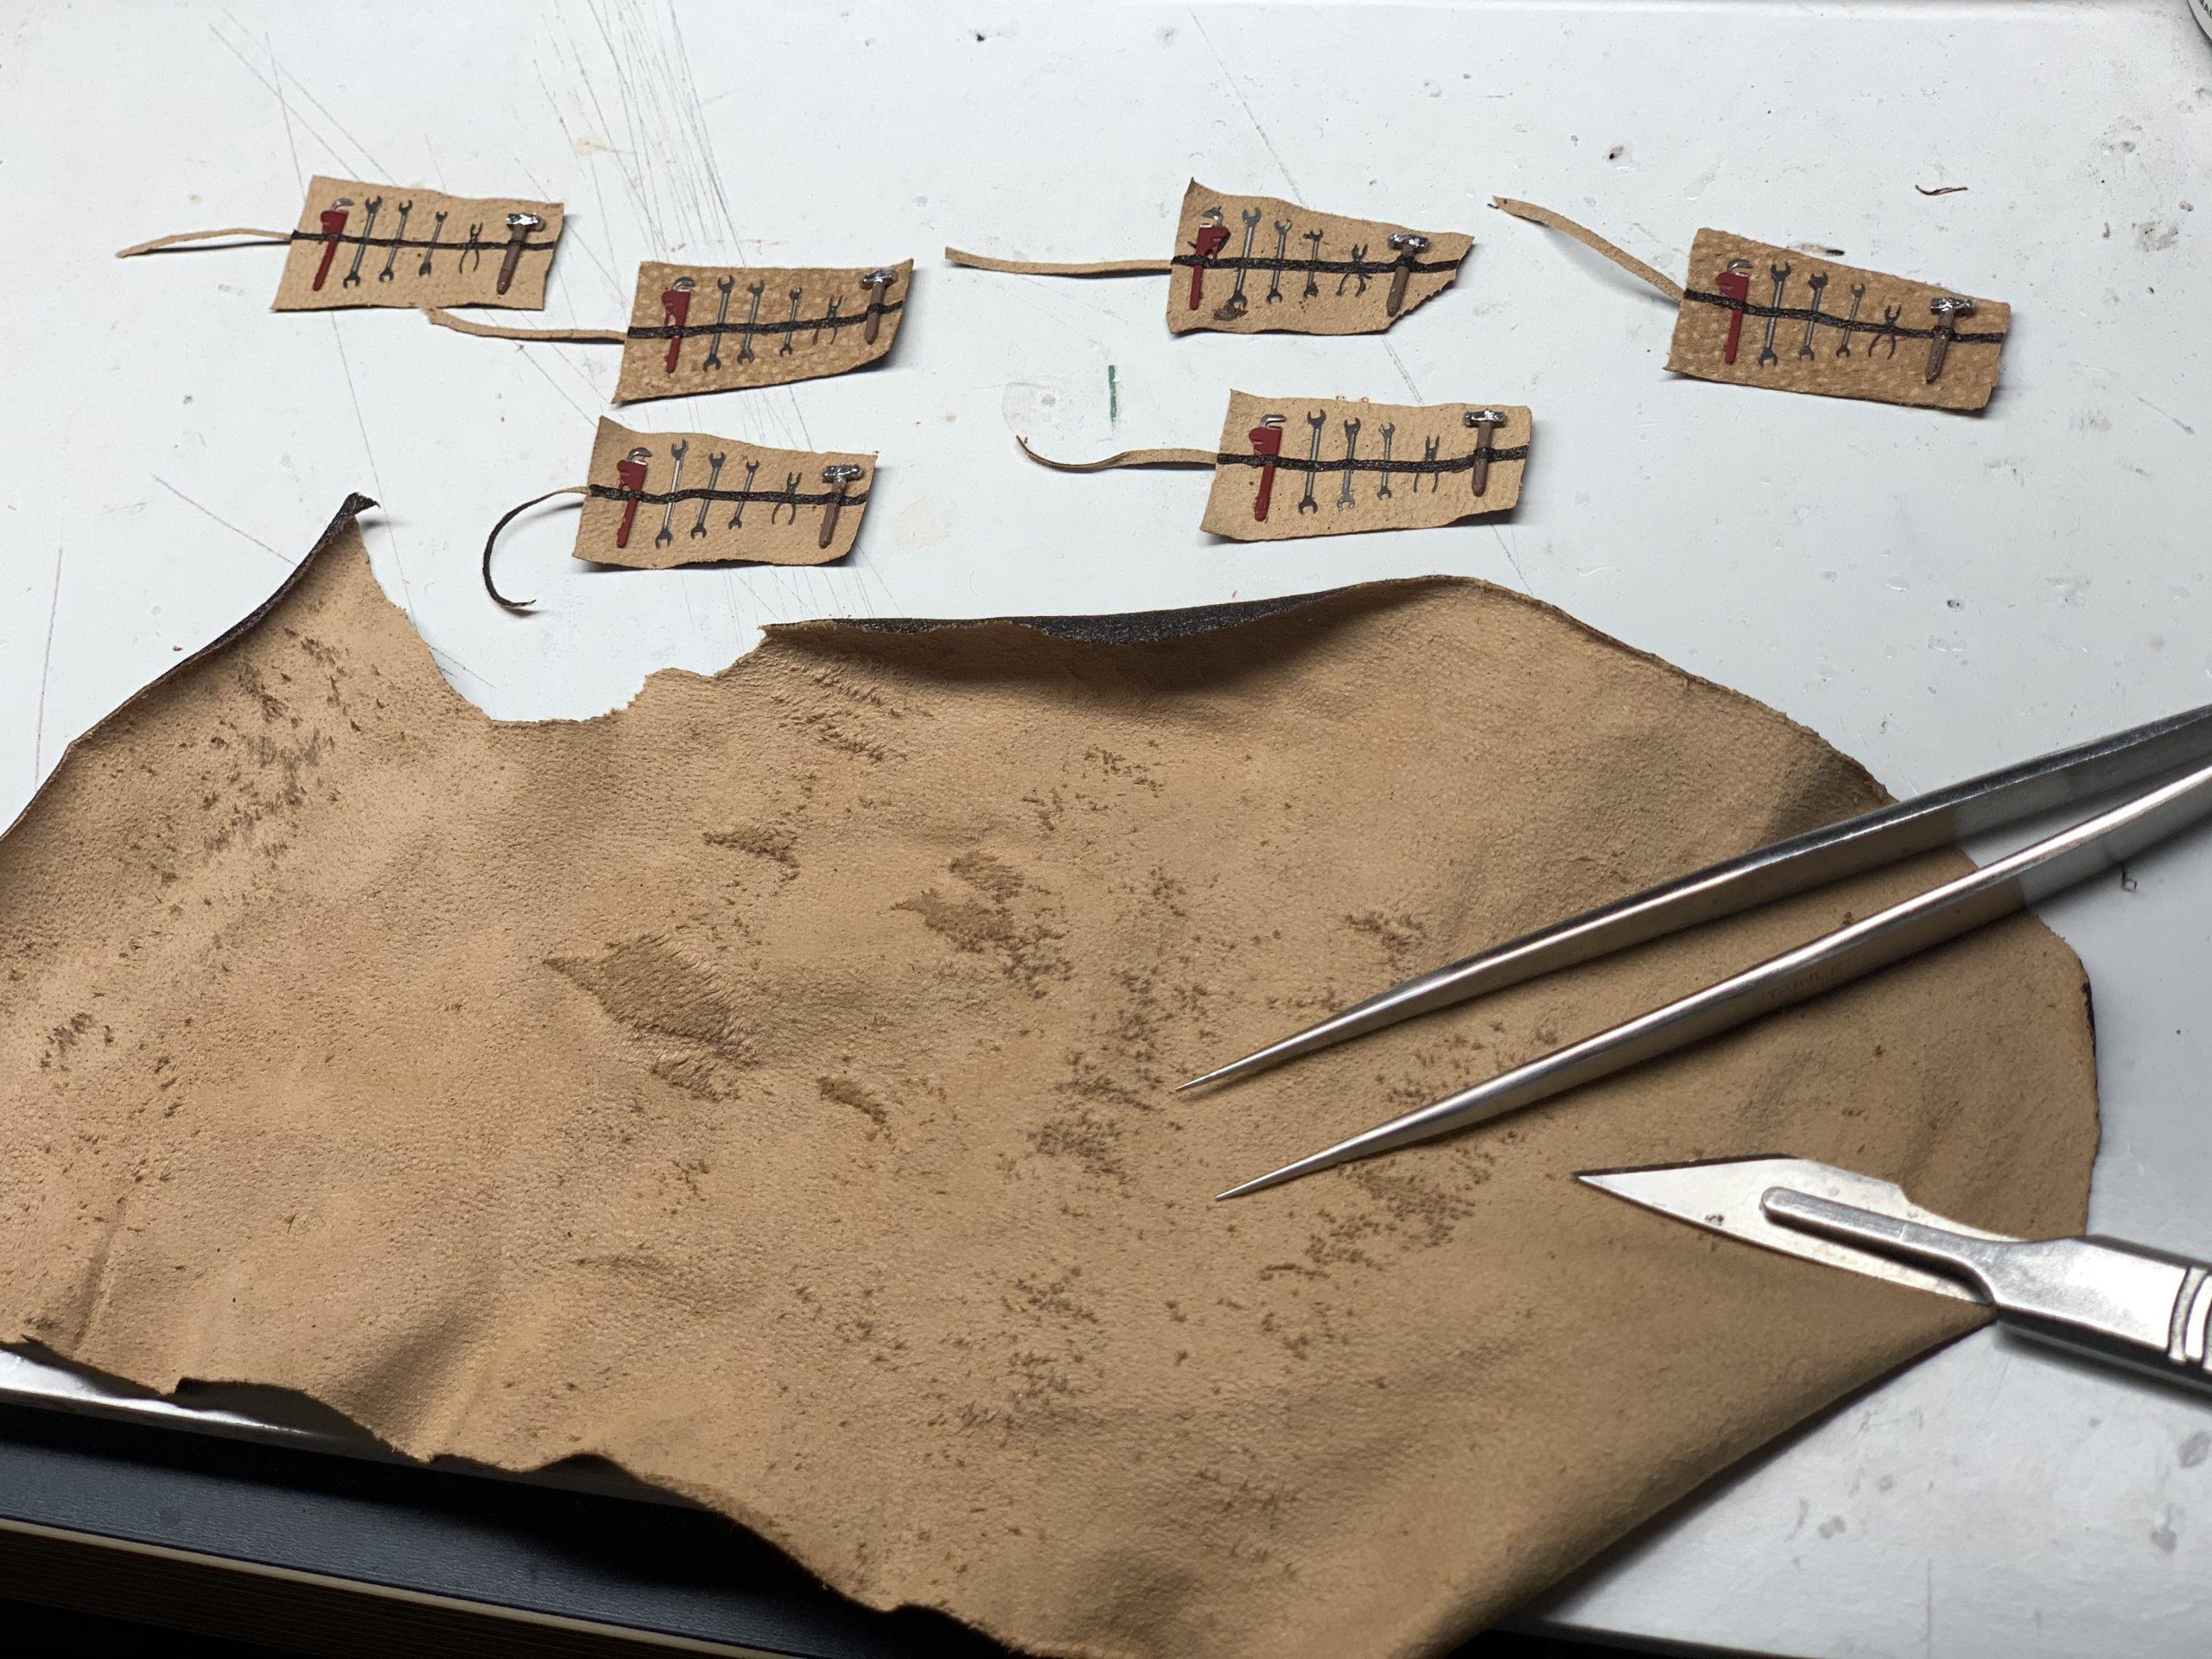 Ramon Cubiro miniatures mini tool kit sets